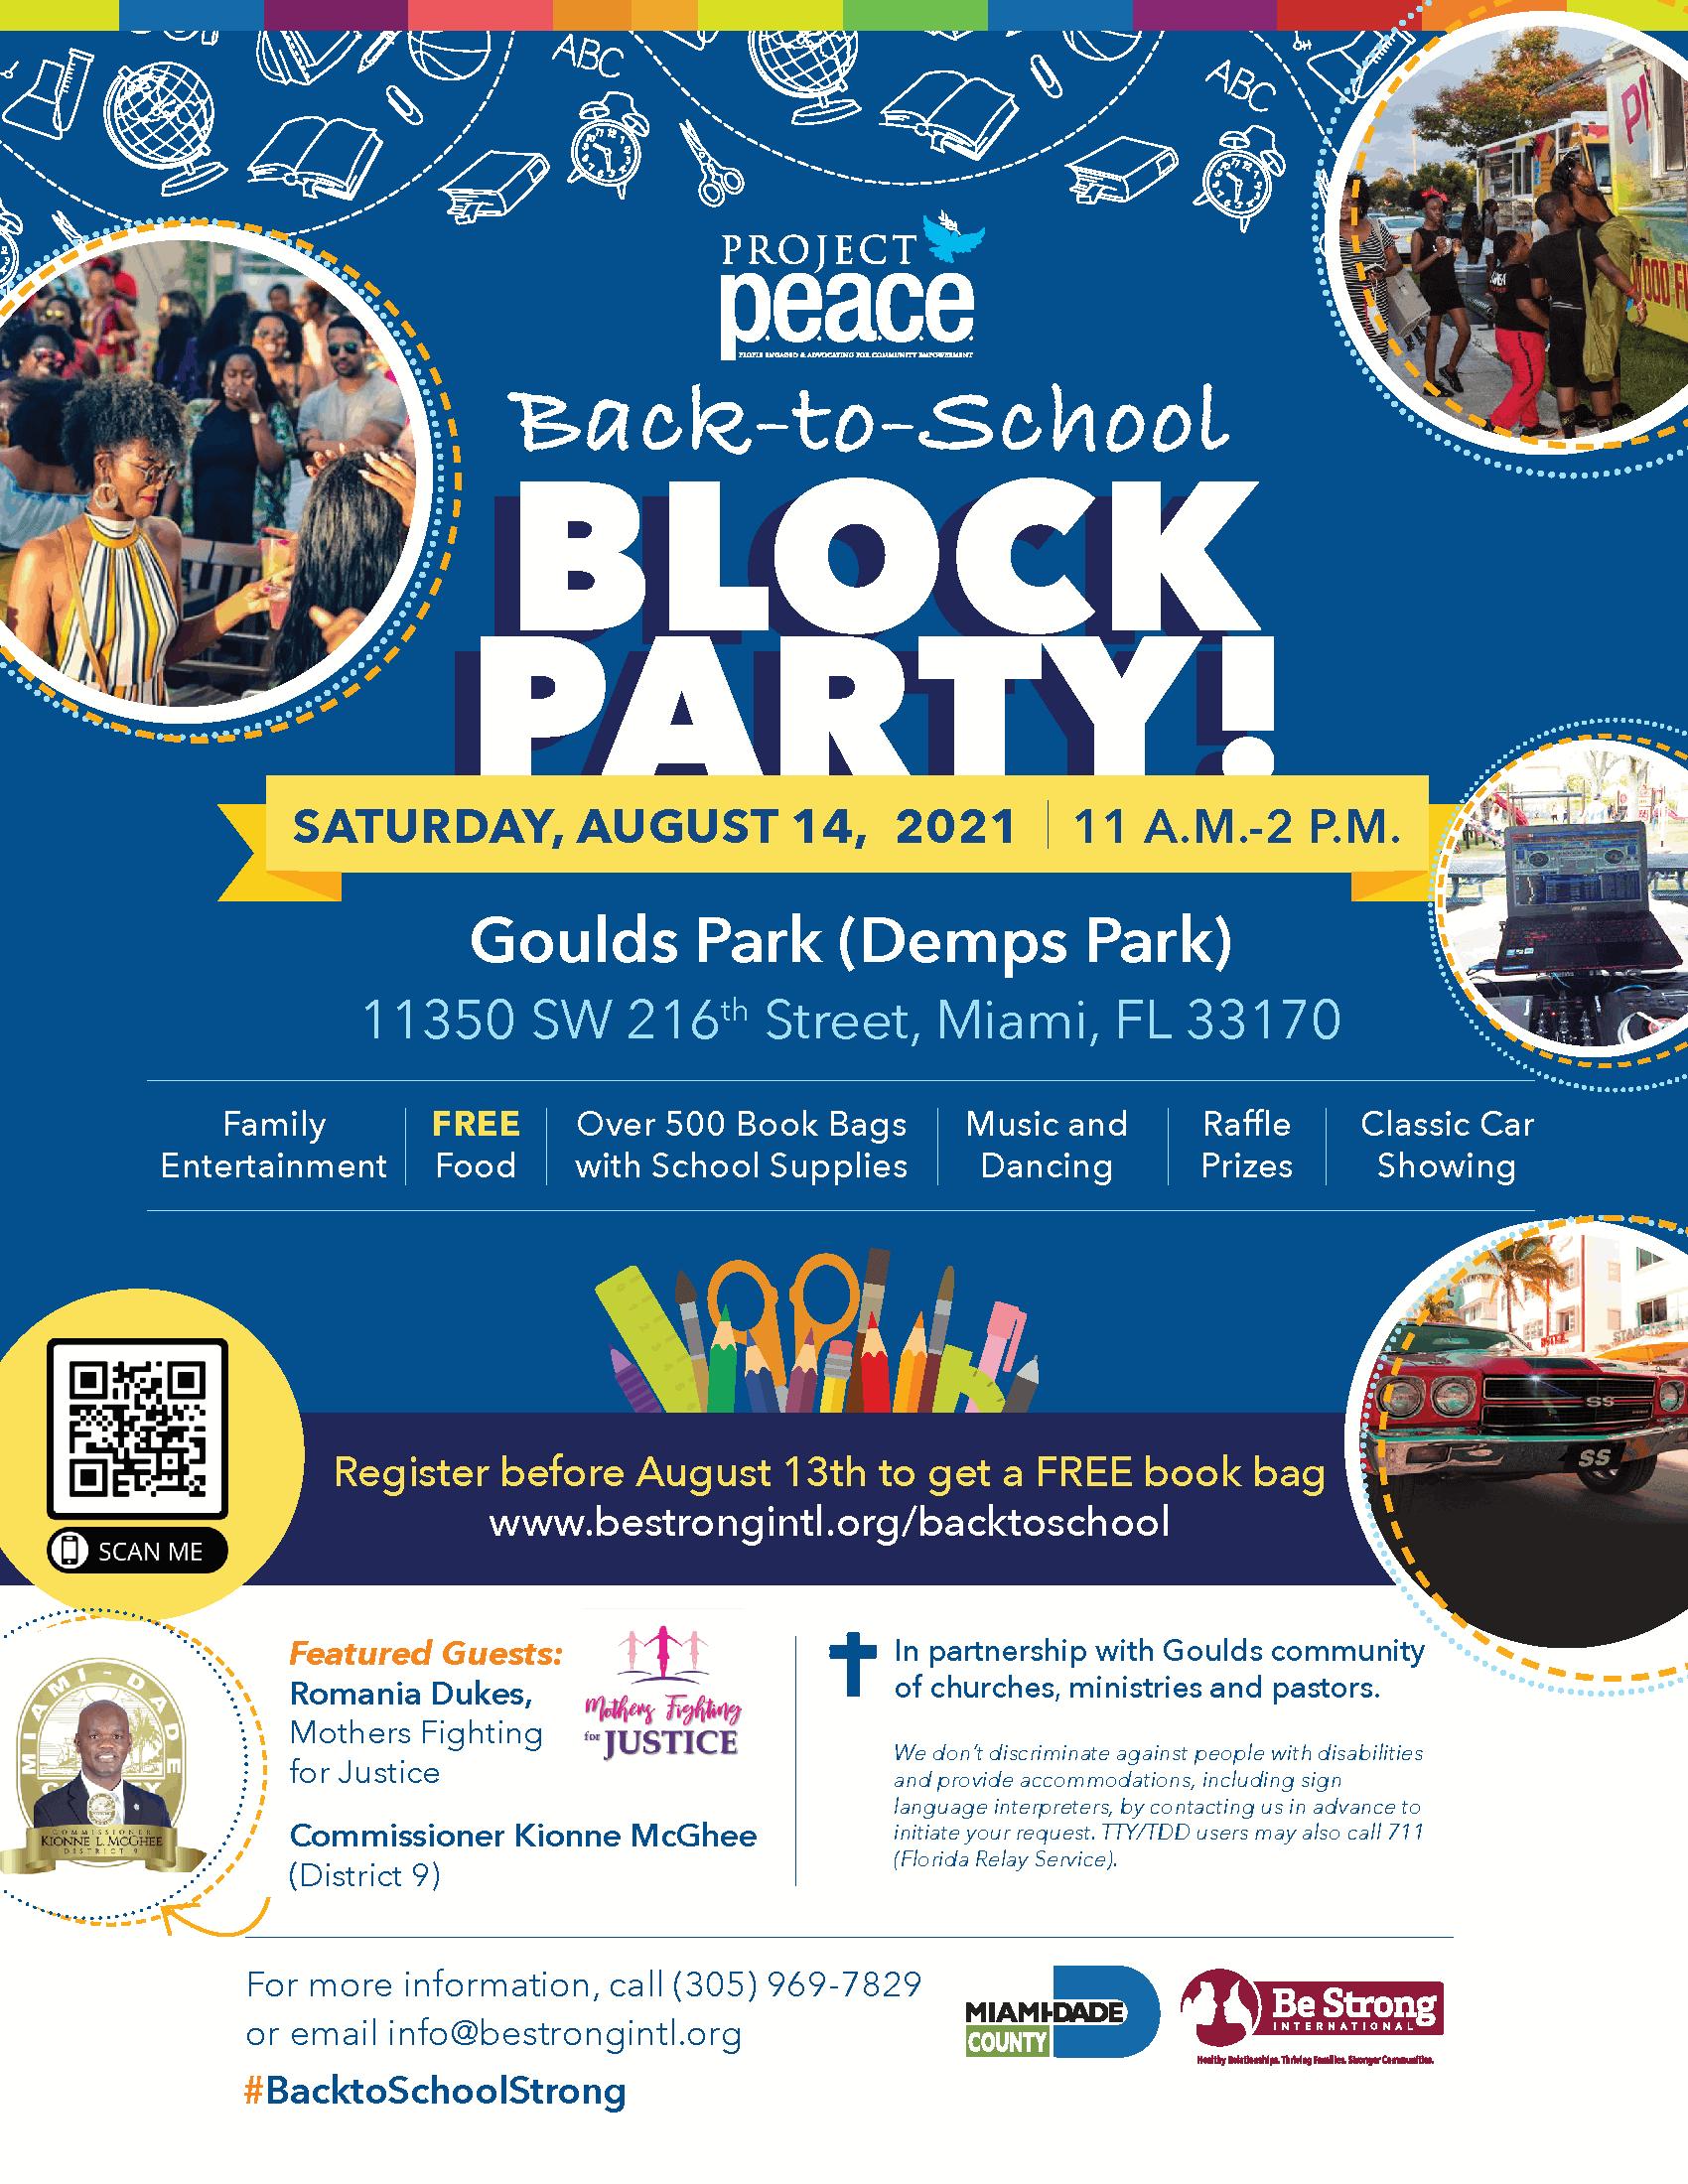 Back-To-School Block Party! @ Goulds Park (Demps Park)